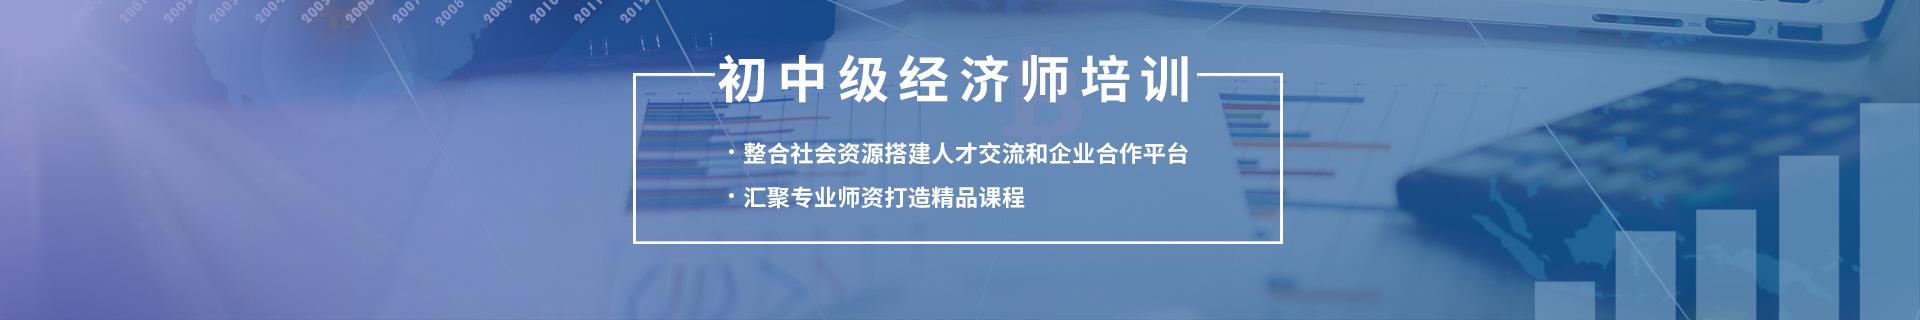 福建福州优路教育培训学校